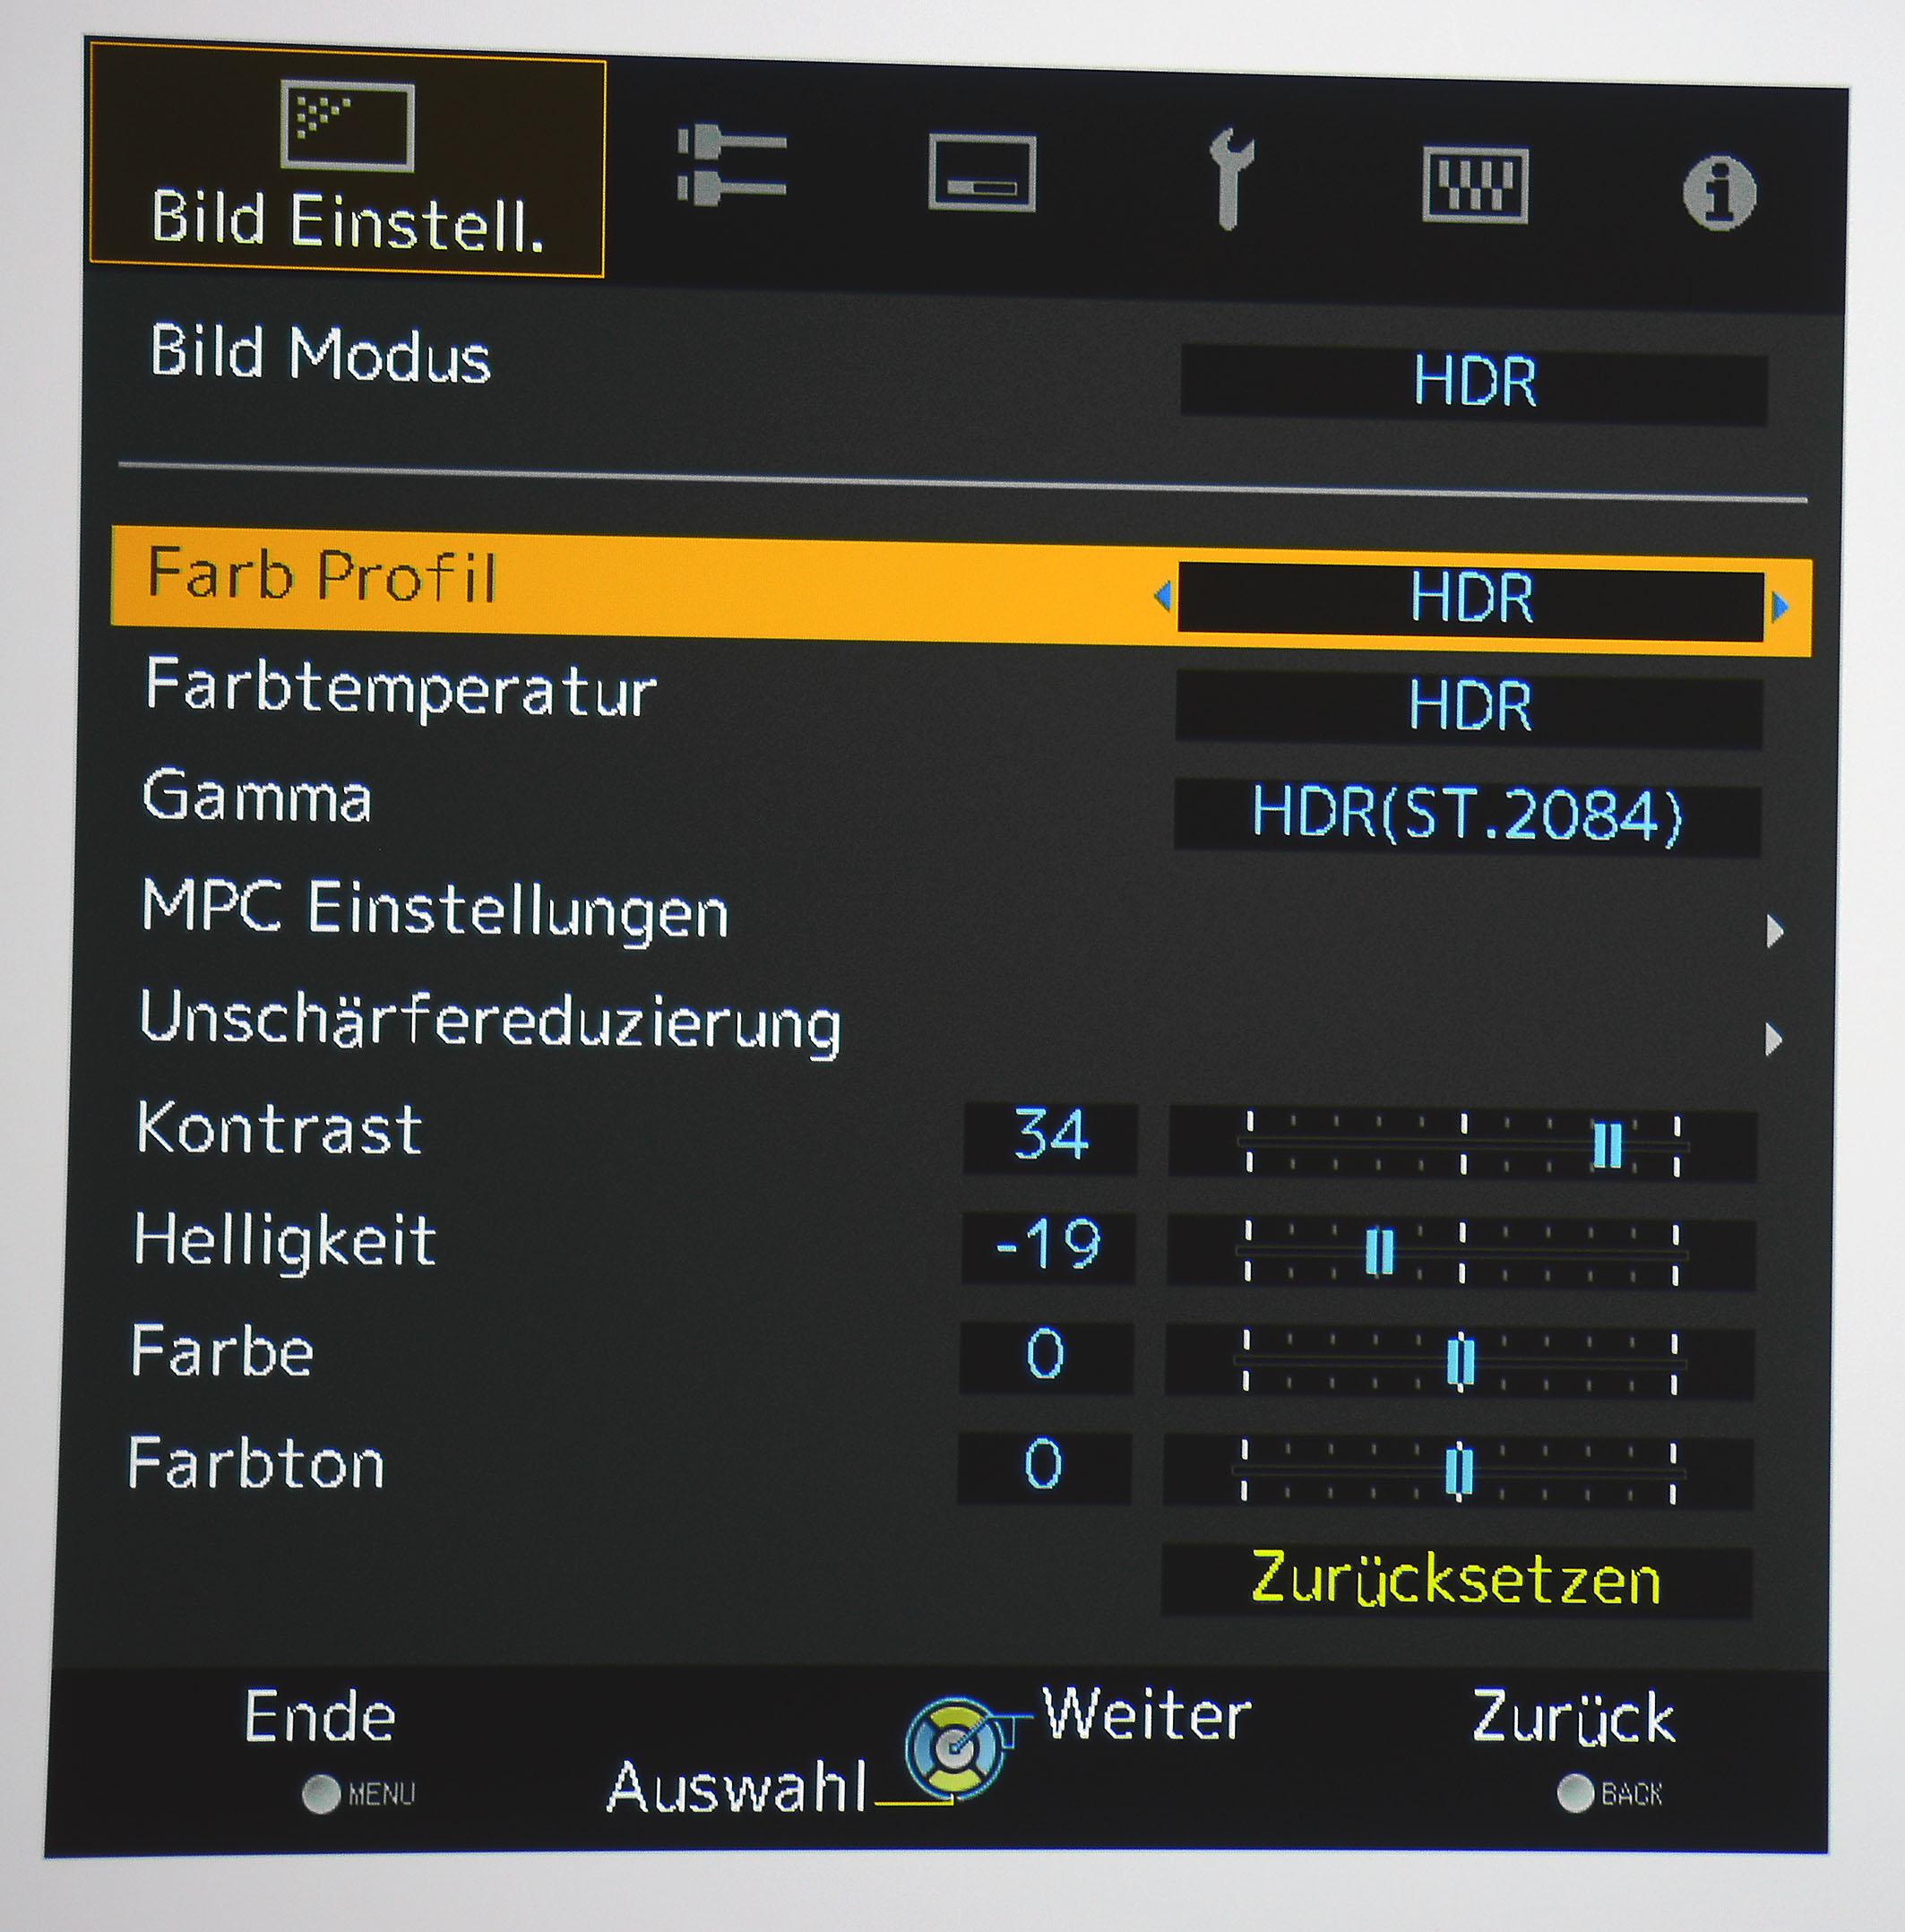 """HDR: Das Farbprofil """"HDR"""" ist ab Werk eingestellt."""